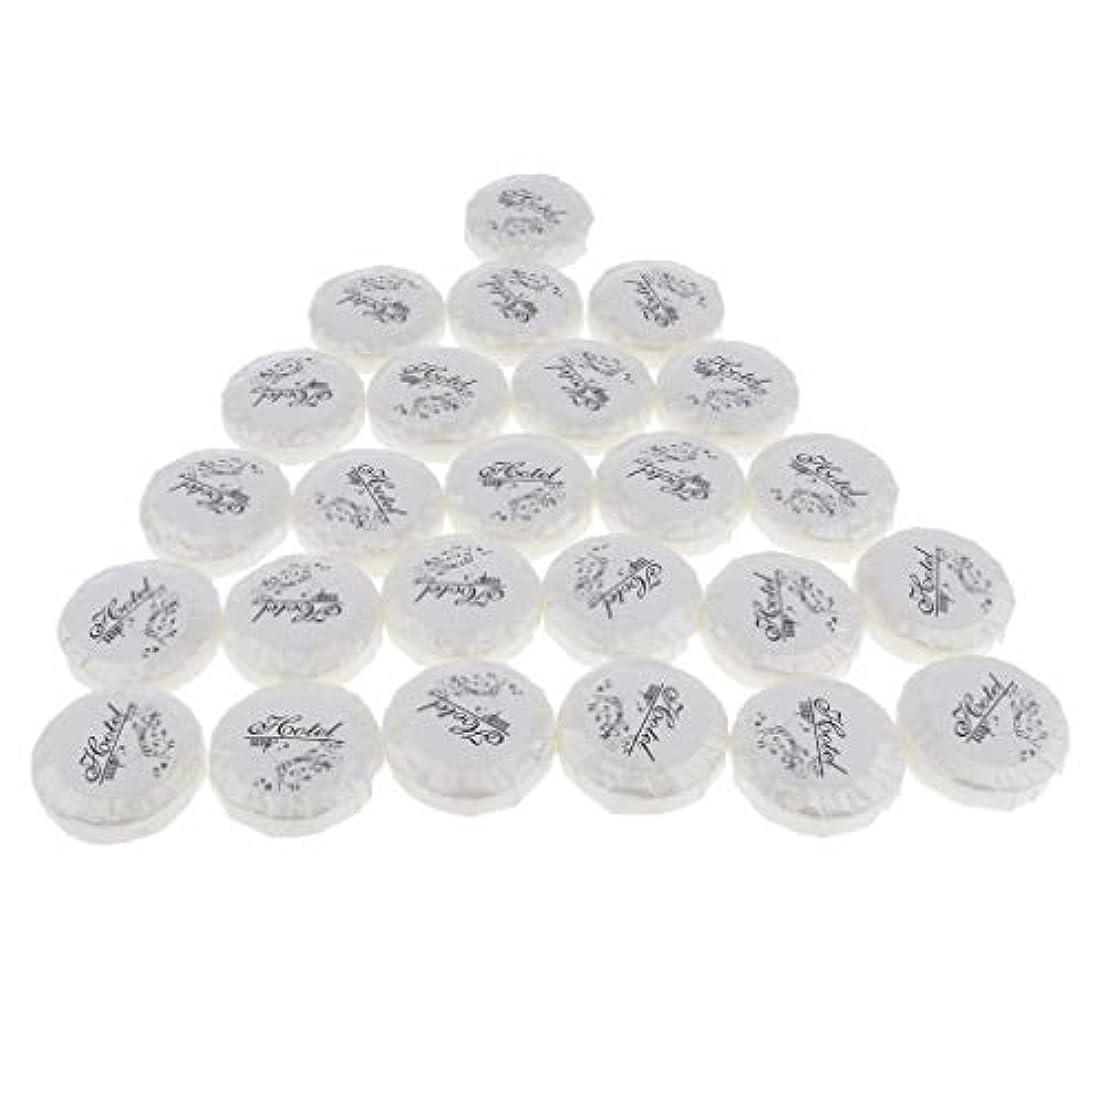 チートオーガニック水陸両用Hellery 石鹸 無添加 洗顔石鹸 植物油 軽い香り 清潔 リフレッシュ ミニサイズ 携帯 旅行用 約150個 - 11g